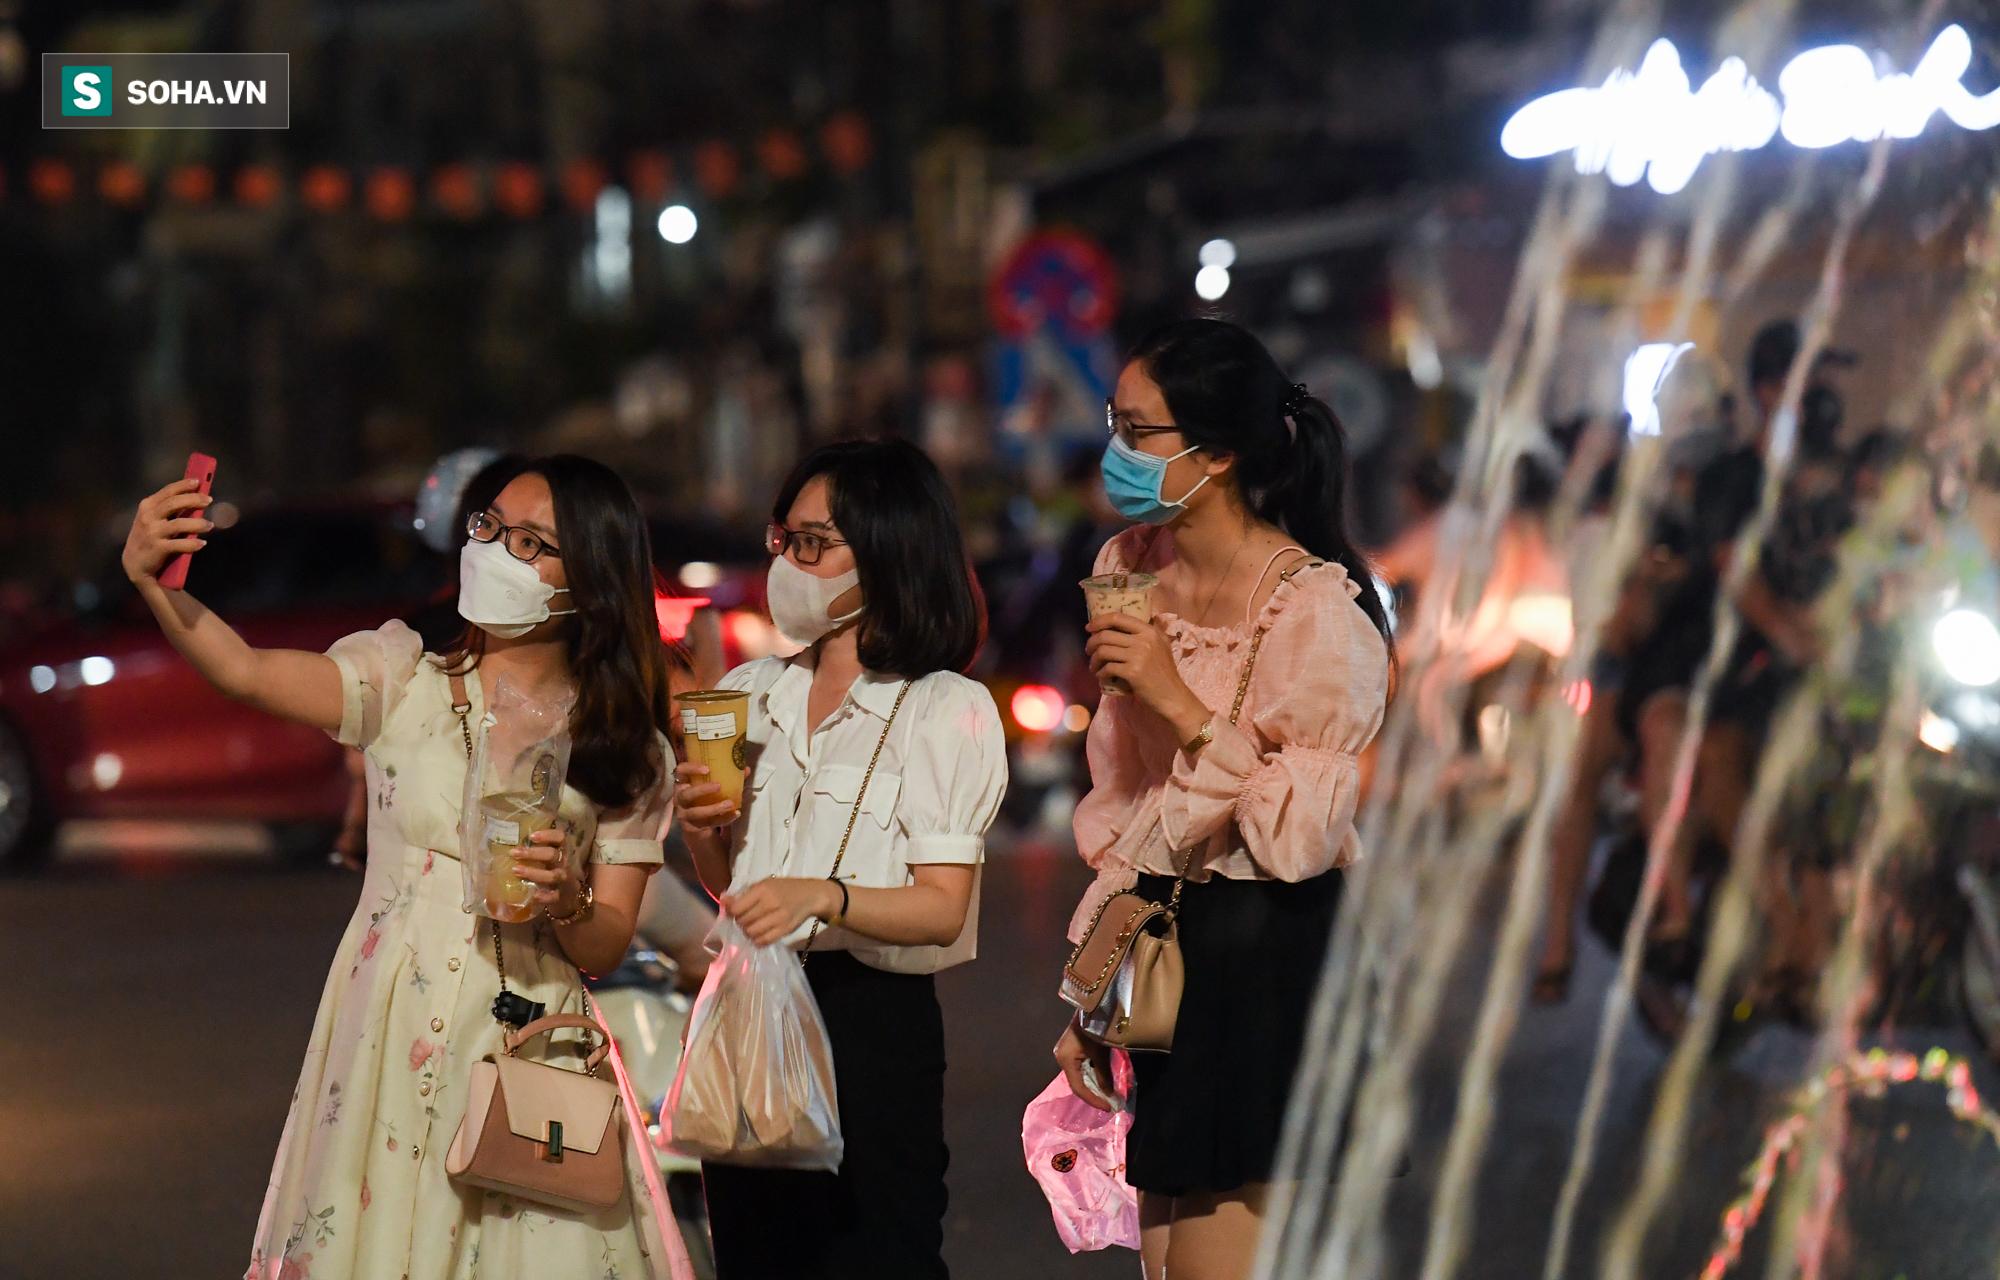 Dòng xe đông như hội nối đuôi nhau trên nhiều tuyến phố trung tâm thủ đô đêm Trung thu - Ảnh 8.